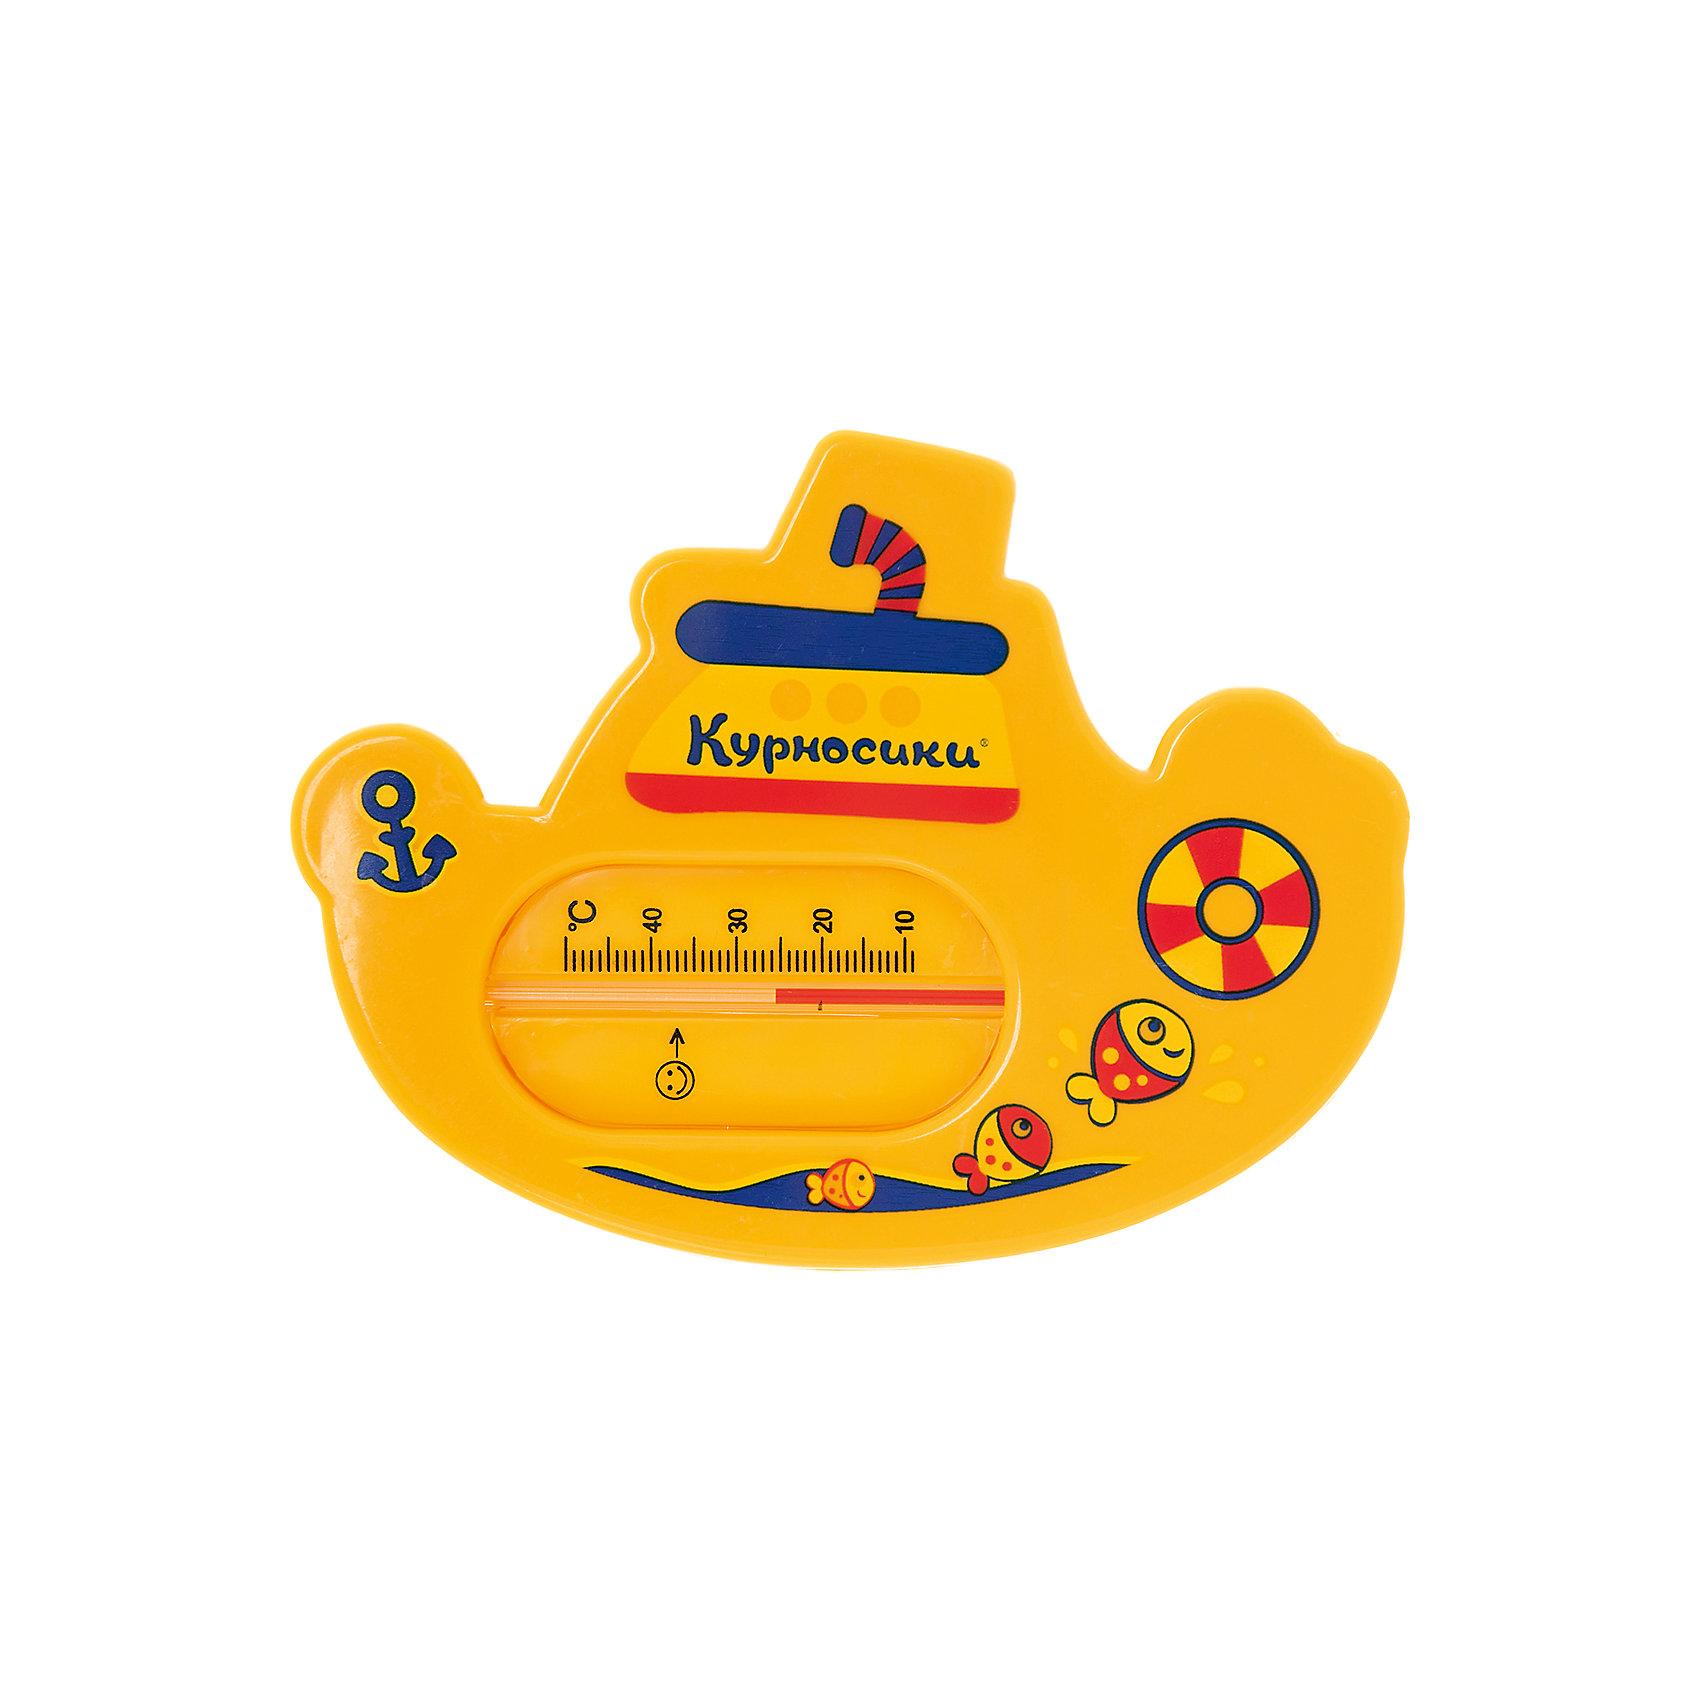 Термометр для ванной Китенок, Kurnosiki, желтыйПрочие аксессуары<br>Характеристики:<br><br>• Наименование: термометр для ванны<br>• Материал: пластик<br>• Пол: универсальный<br>• Цвет: жёлтый<br>• Форма: китенок<br>• Тип шкалы: по Цельсию <br>• Максимальное значение: 50? С<br>• Минимальное значение: 9? С<br>• Нанесена отметка напротив оптимальной температуры для купания<br>• Ударопрочный корпус <br>• Не содержит ртути<br>• Отсутствие острых углов<br>• Вес: 80 г<br>• Параметры (Д*Ш*В): 10*5*10 см <br>• Особенности ухода: сухая и влажная чистка<br><br>Термометр для ванны Китенок, Kurnosiki, фиолетовый выполнен из ударопрочного пластика, не содержит ртути. Форма градусника представляет собой китенка, выполненного в ярких цветах. Цена деления у шкалы 1 градус, напротив оптимальной температуры для купания нанесена отметка. <br><br>Чтобы градусник определил температуру воды с высокой точностью, его необходимо подержать в воде не менее 1 минуты. Термометр для ванны Китенок, Kurnosiki, фиолетовый станет незаменимым помощником для мамы во время купания малыша.<br><br>Термометр для ванны Китенок, Kurnosiki, фиолетовый можно купить в нашем интернет-магазине.<br><br>Ширина мм: 15<br>Глубина мм: 130<br>Высота мм: 170<br>Вес г: 76<br>Возраст от месяцев: 0<br>Возраст до месяцев: 36<br>Пол: Унисекс<br>Возраст: Детский<br>SKU: 5428702